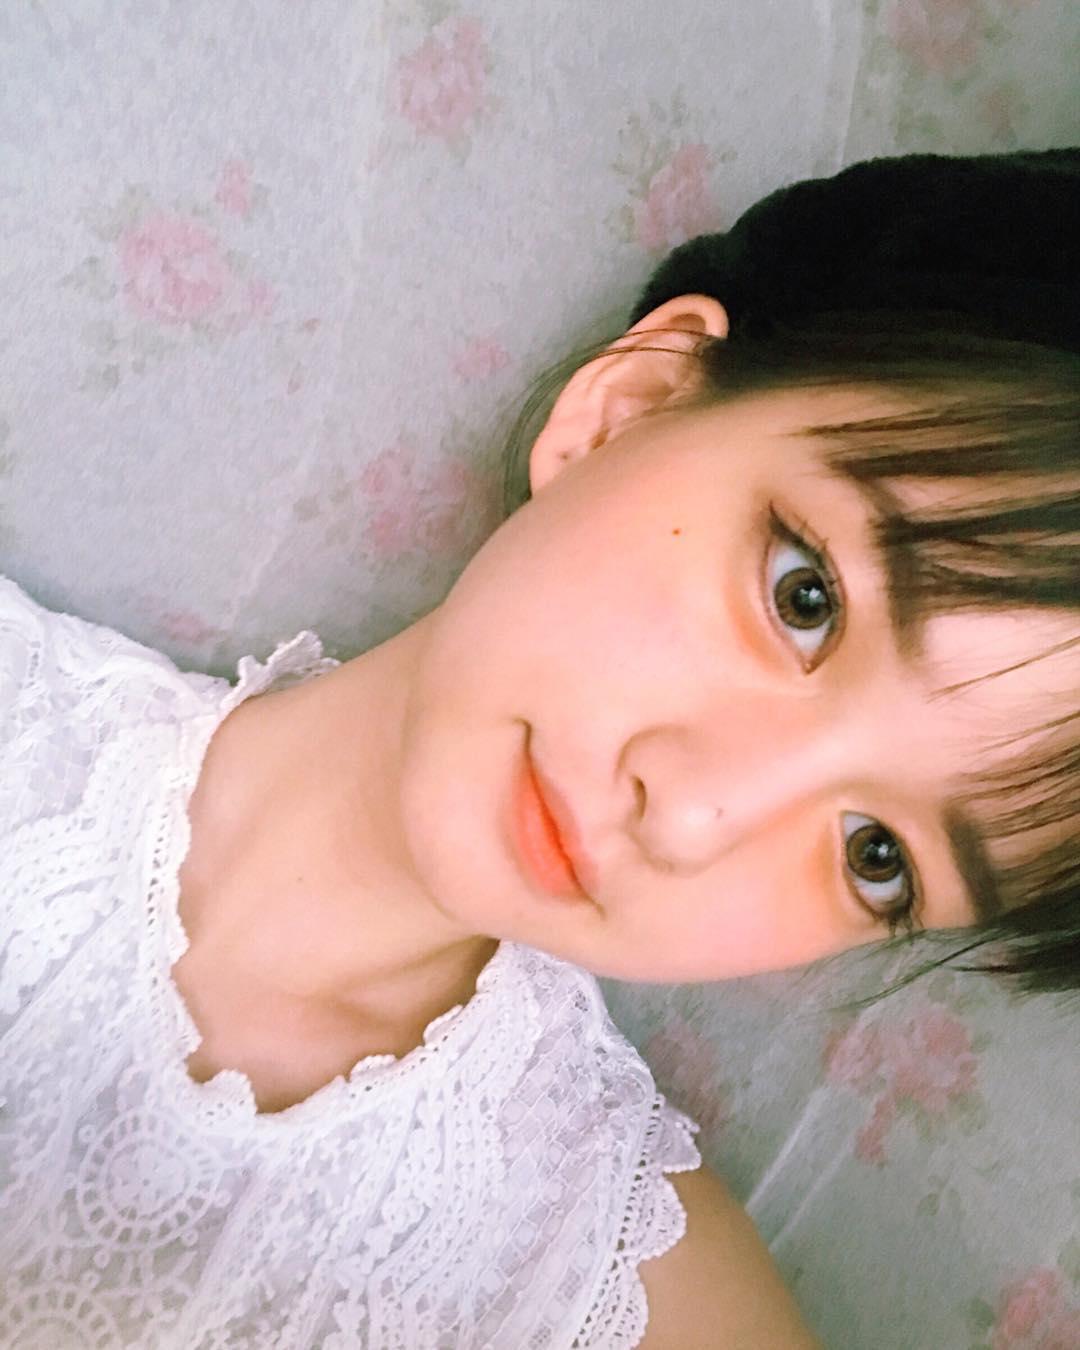 眼睛比赵薇还大,出生上海的她凭美貌引起热议,别人的18岁究竟什么来头?